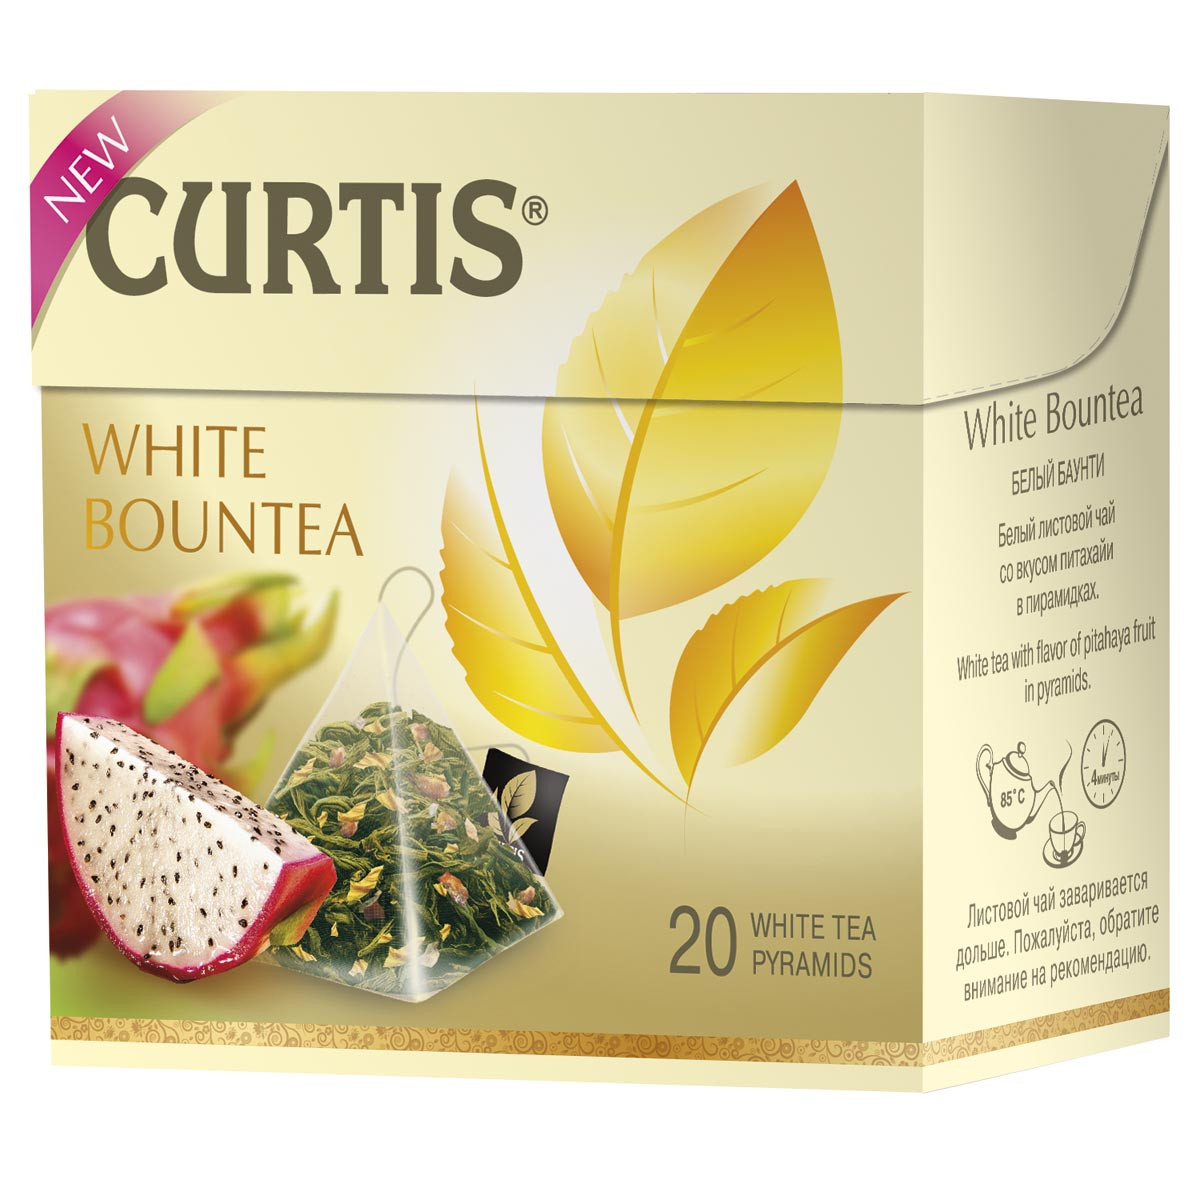 Curtis White Bountea белый чай в пирамидках, 20 шт4620015851044Обновленный купаж листового белого чая с волнующим тропическим ароматом и сладкими нотками питахайи - незабываемое путешествие на далекие экзотические острова. Чай обладает великолепным вкусом, тонким и немного сладковатым, а также приятным ароматом.